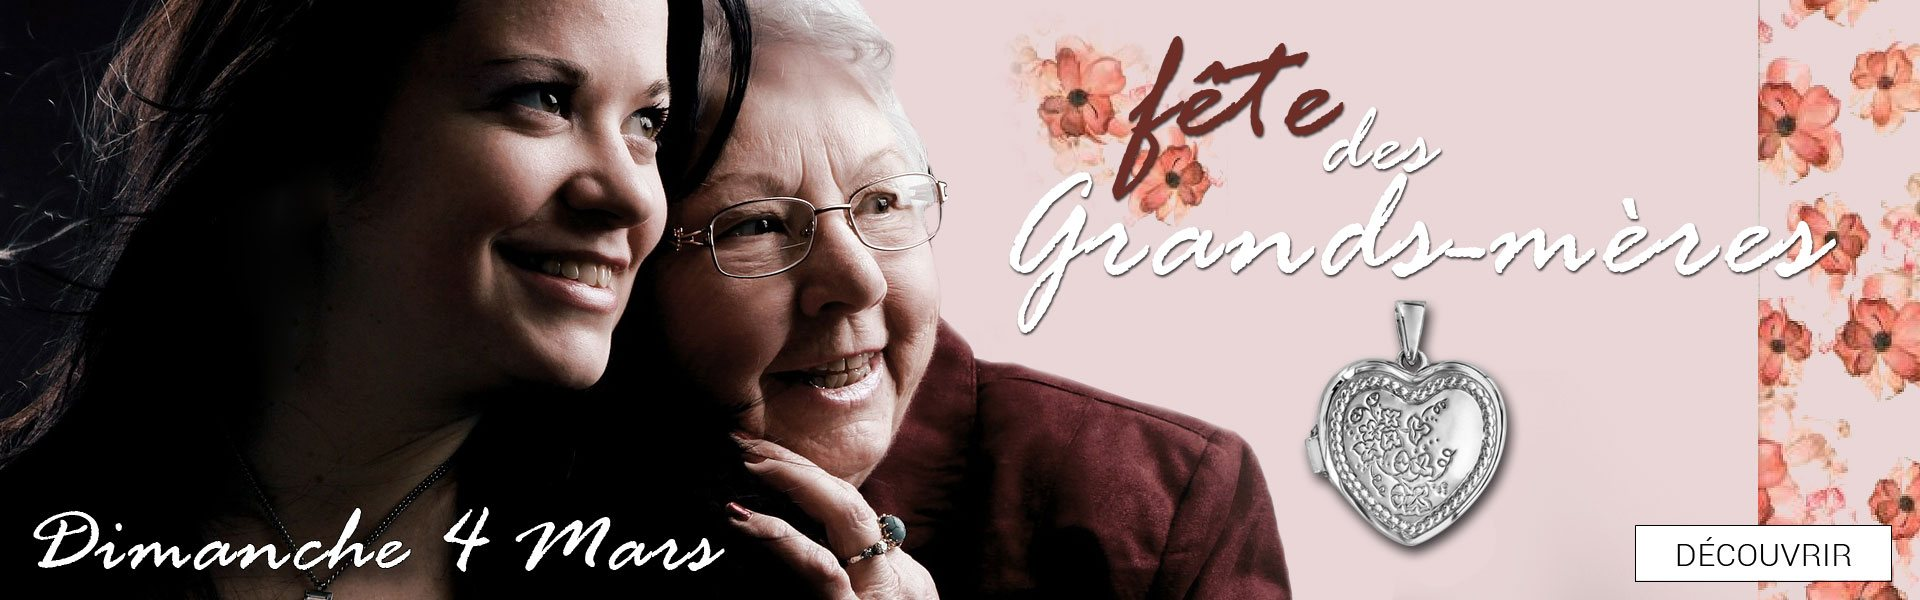 Dimanche 4 mars 2018, c\'est la fête des Grands-Mères